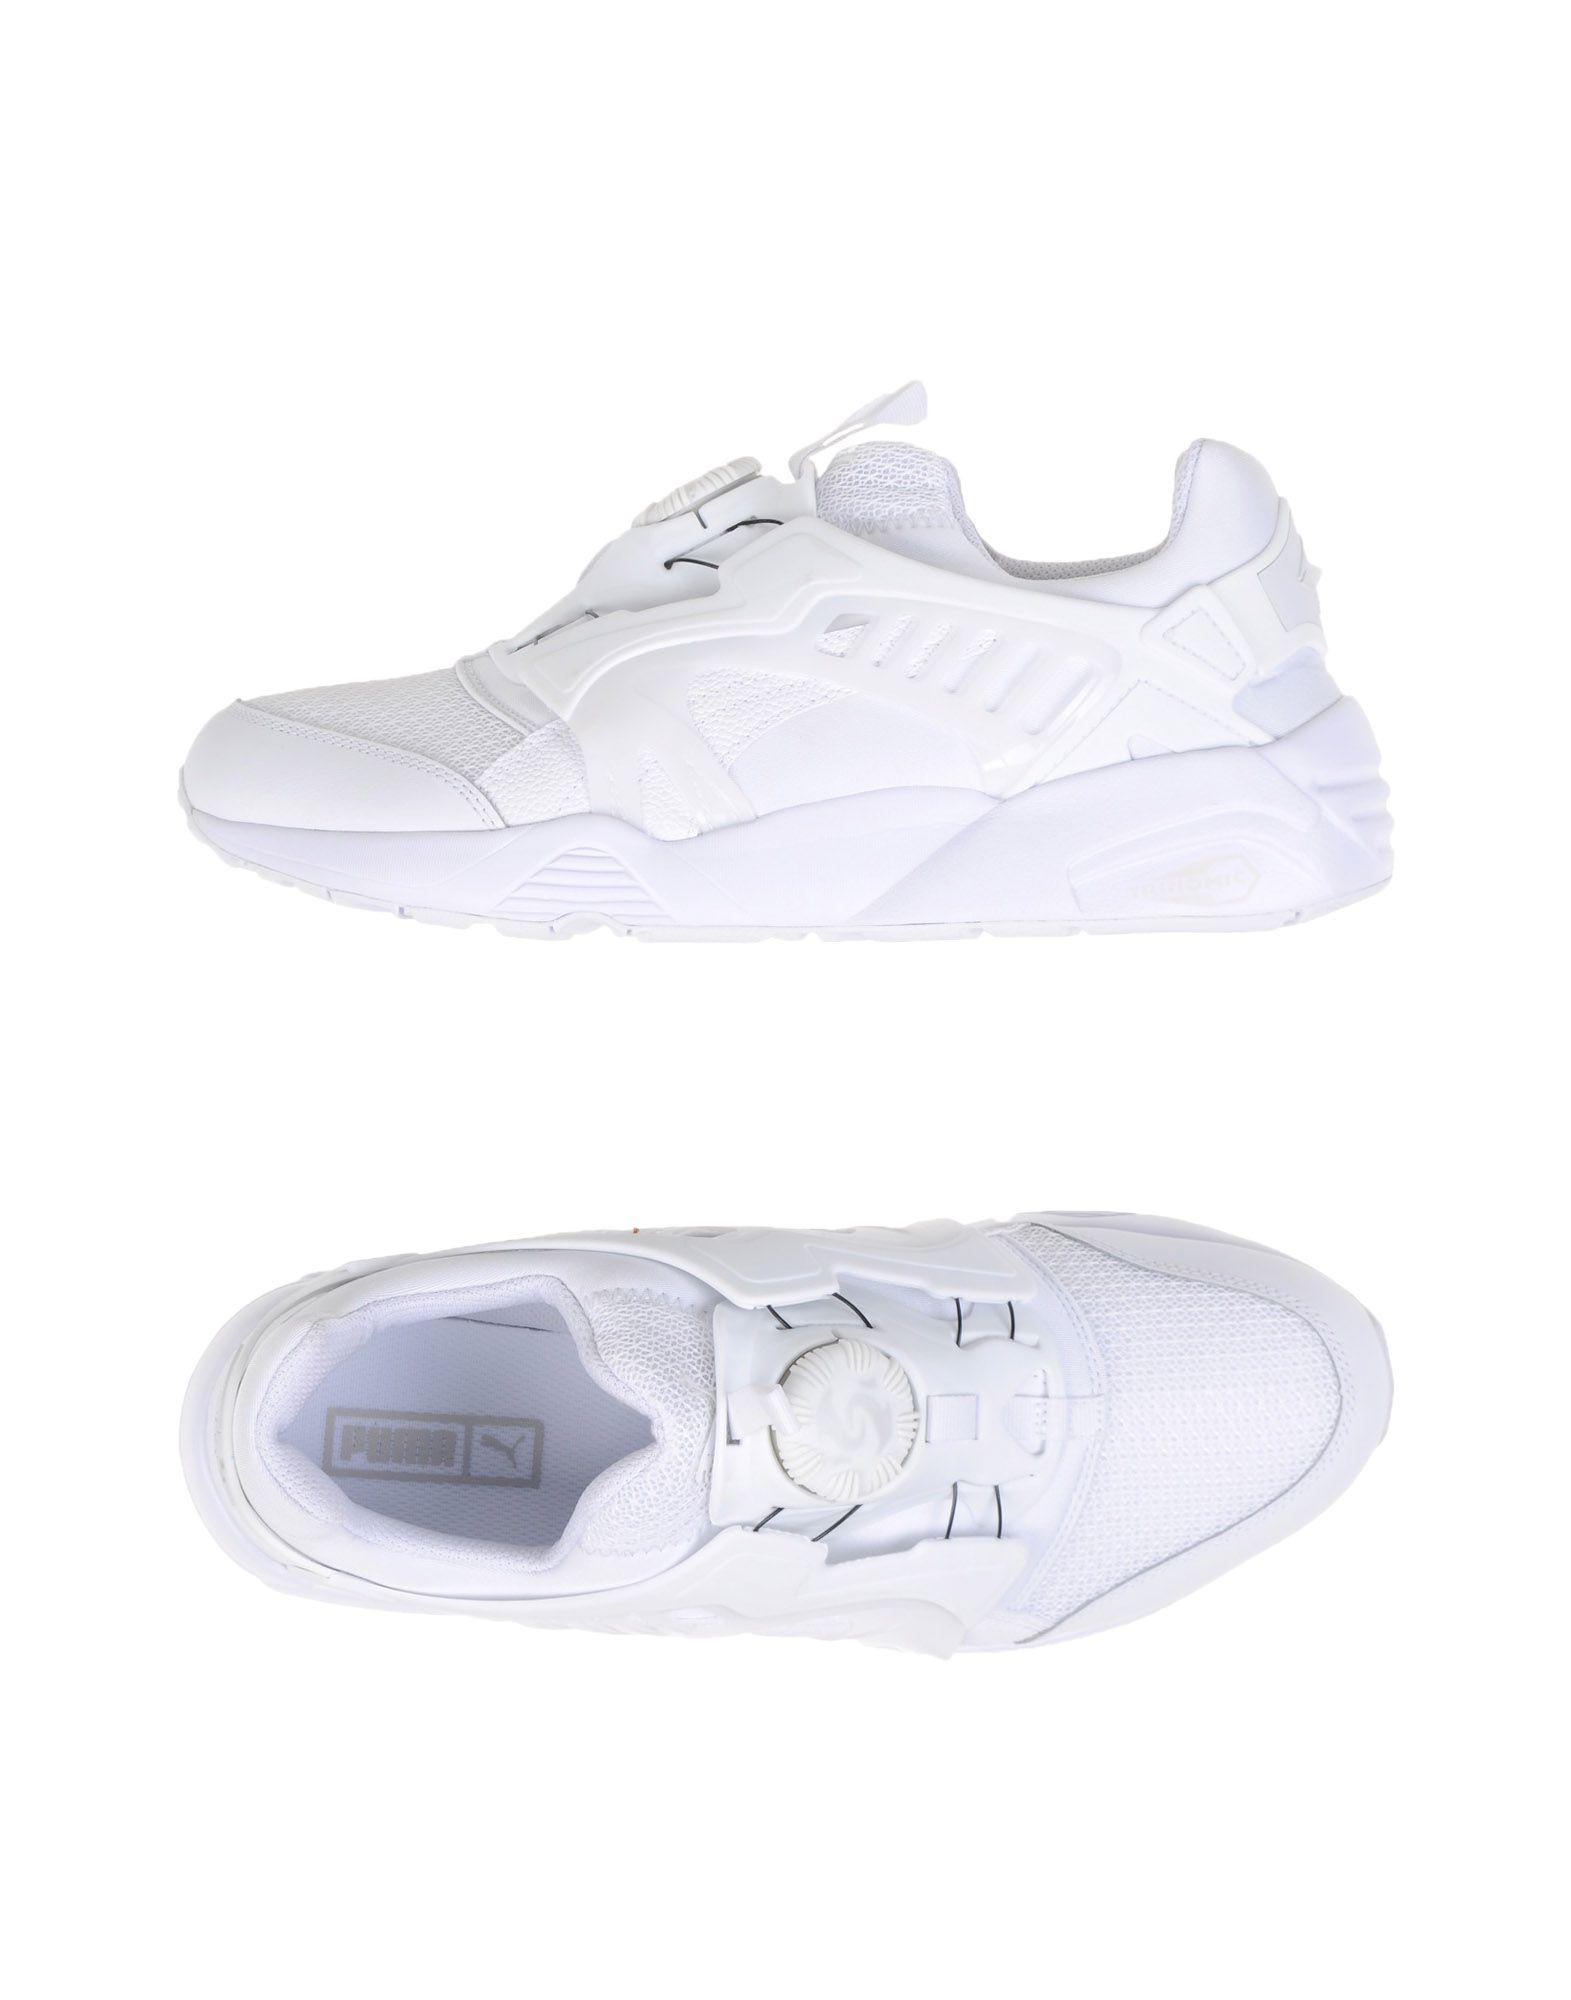 《送料無料》PUMA メンズ スニーカー&テニスシューズ(ローカット) ホワイト 7.5 紡績繊維 DISC BLAZE CT